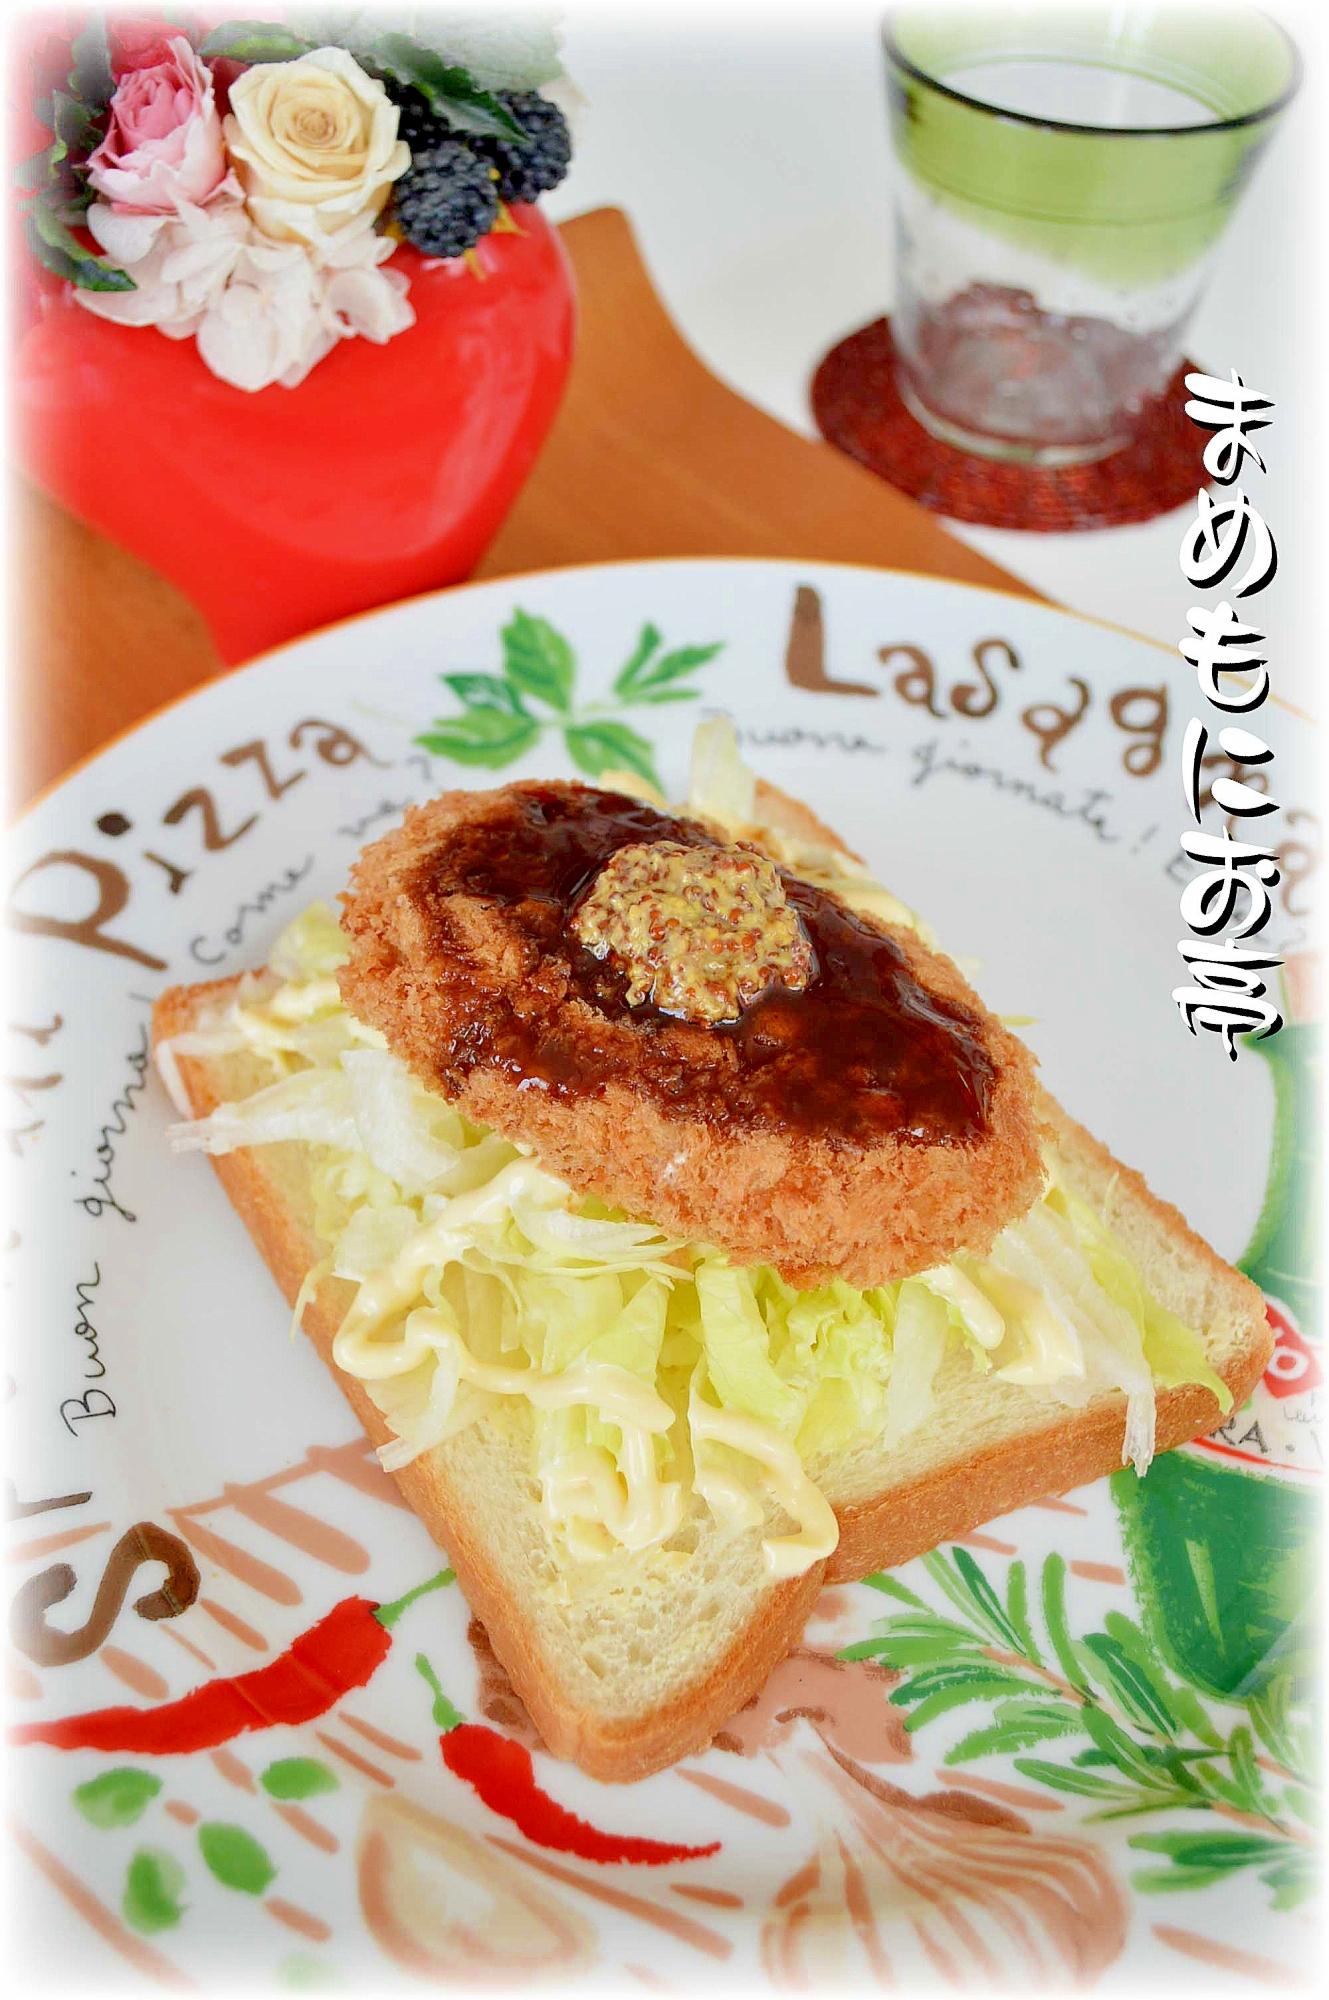 お惣菜リメイク!レタスシャキシャキ☆コロッケパン